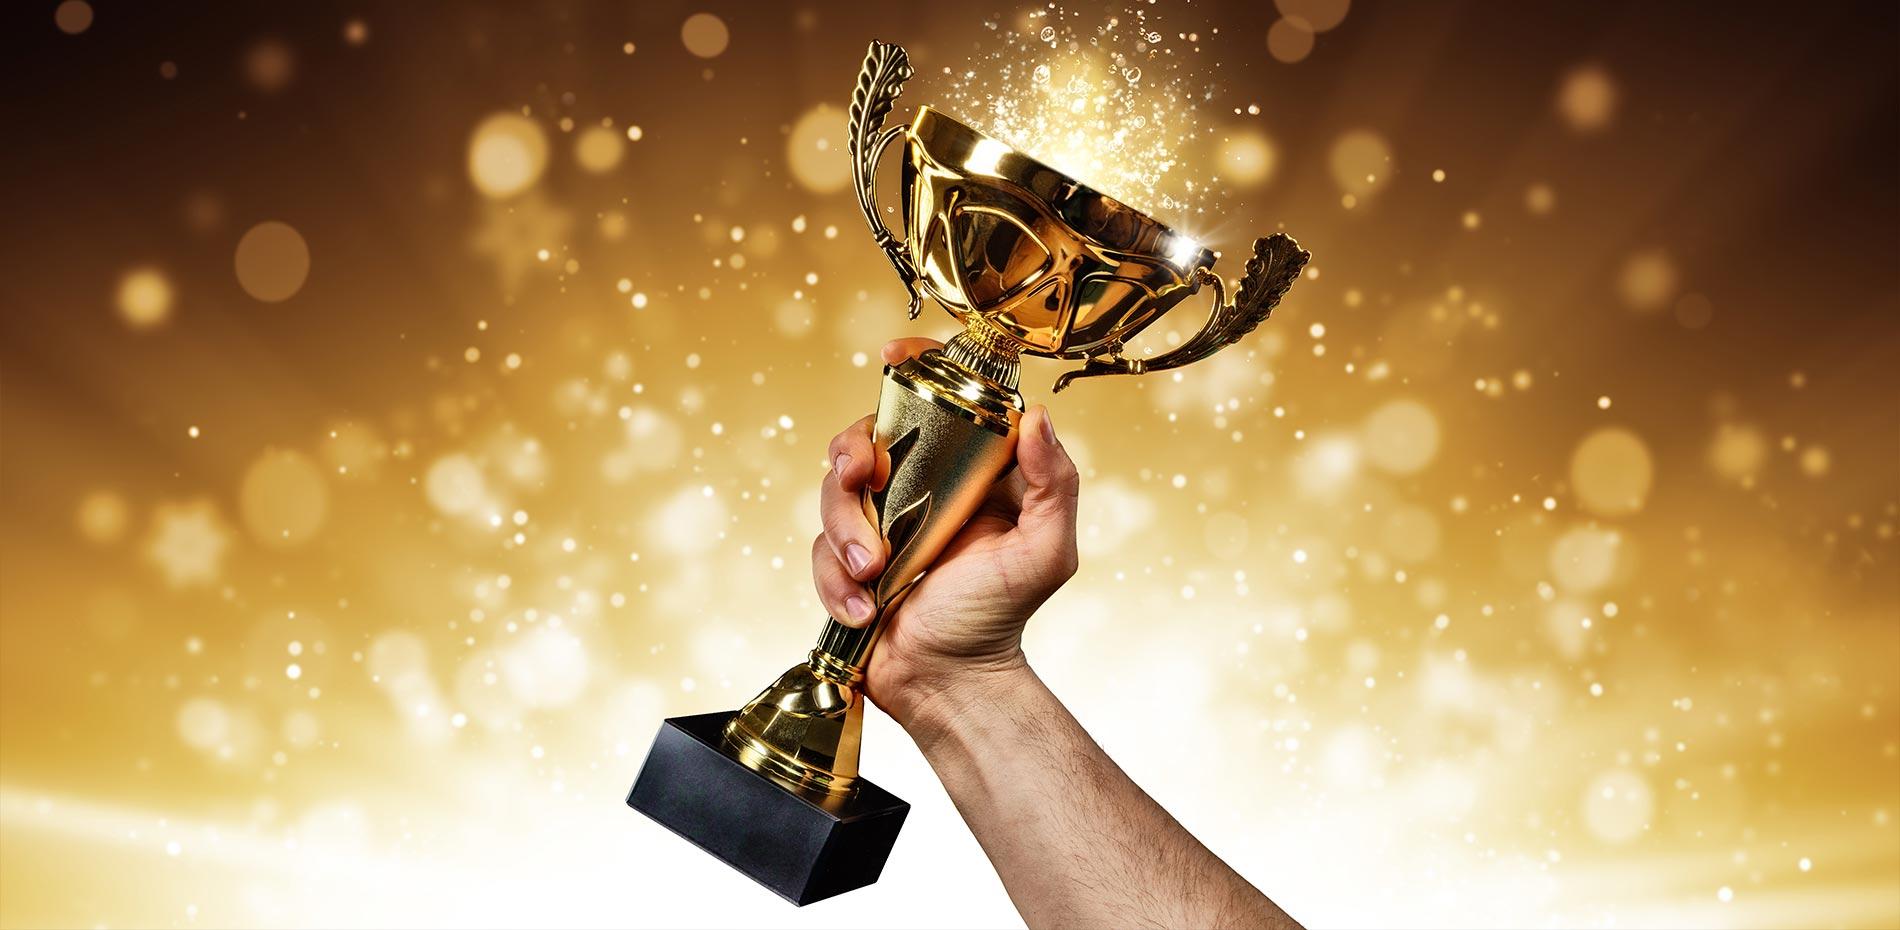 Prokart 2020 trophy